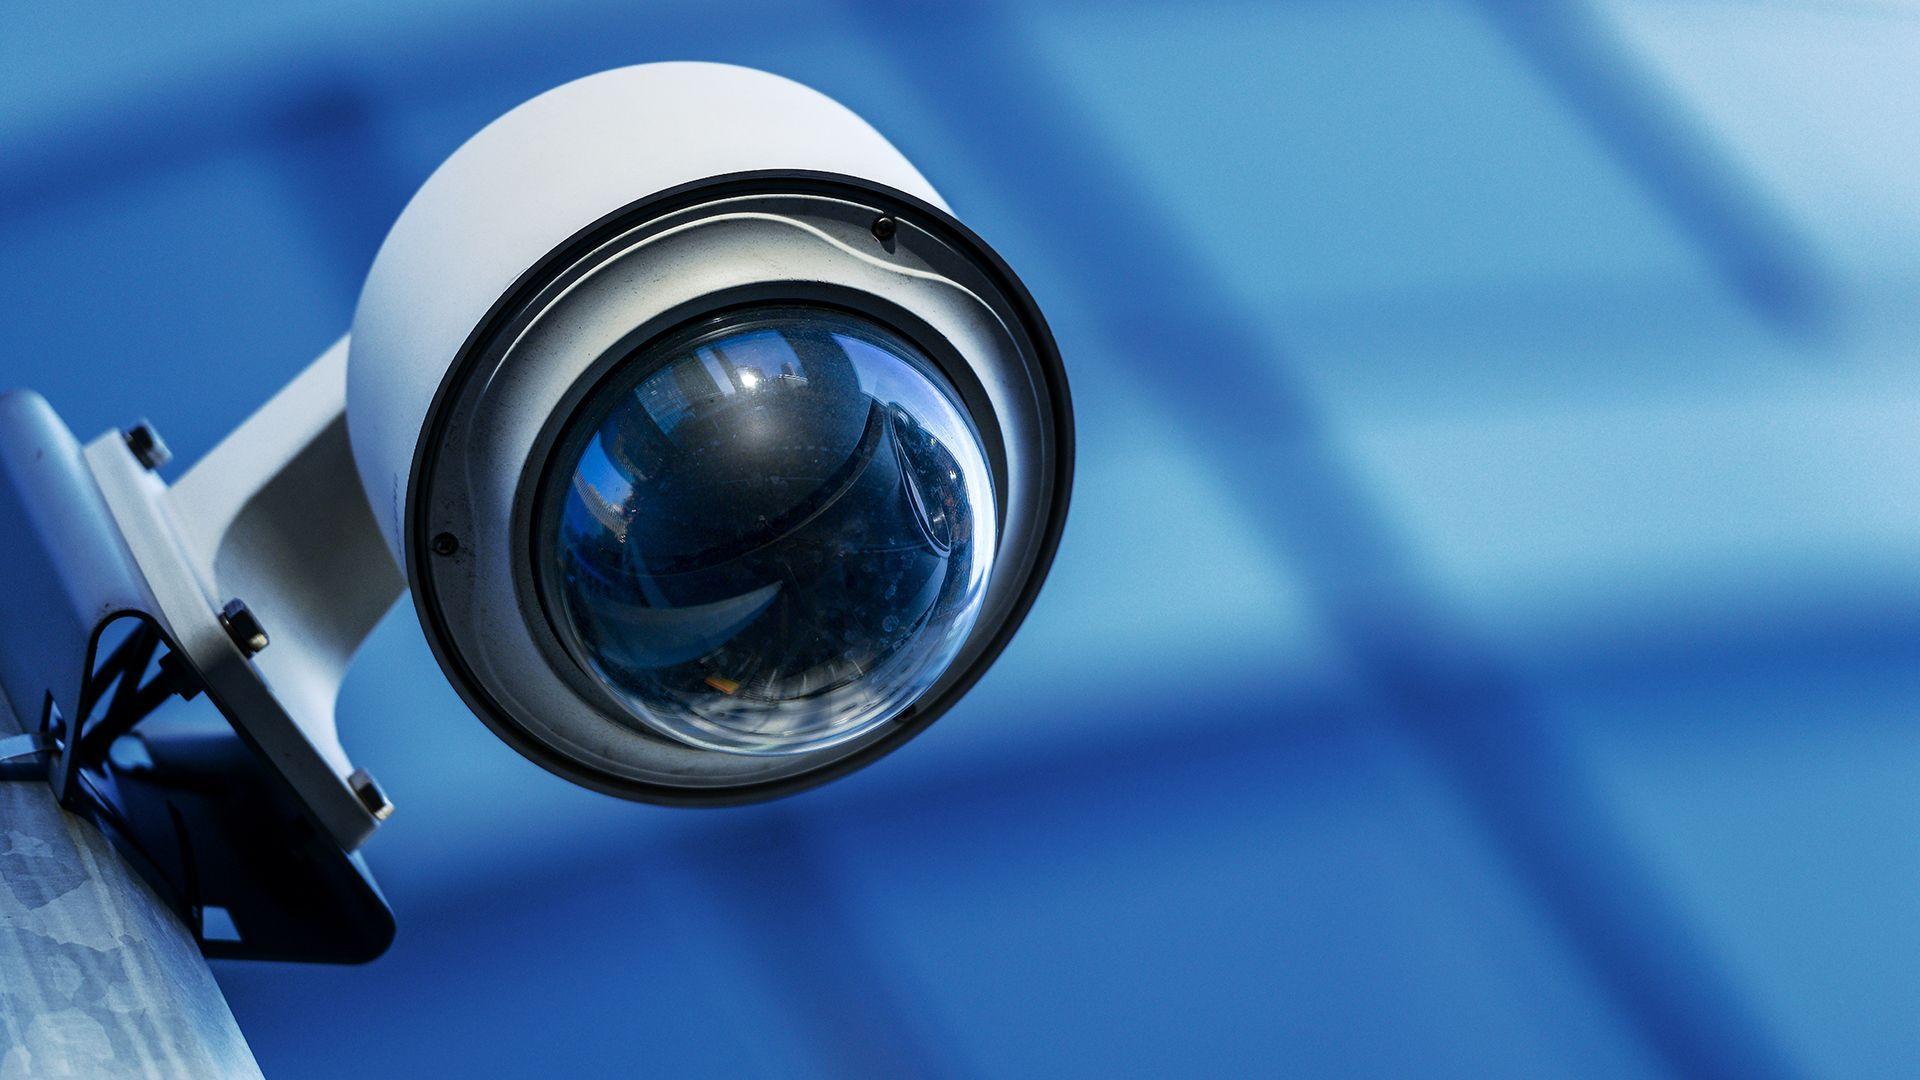 سیستم هشدار نسبت به سارق  در خانه های مسکونی و مغازه ها